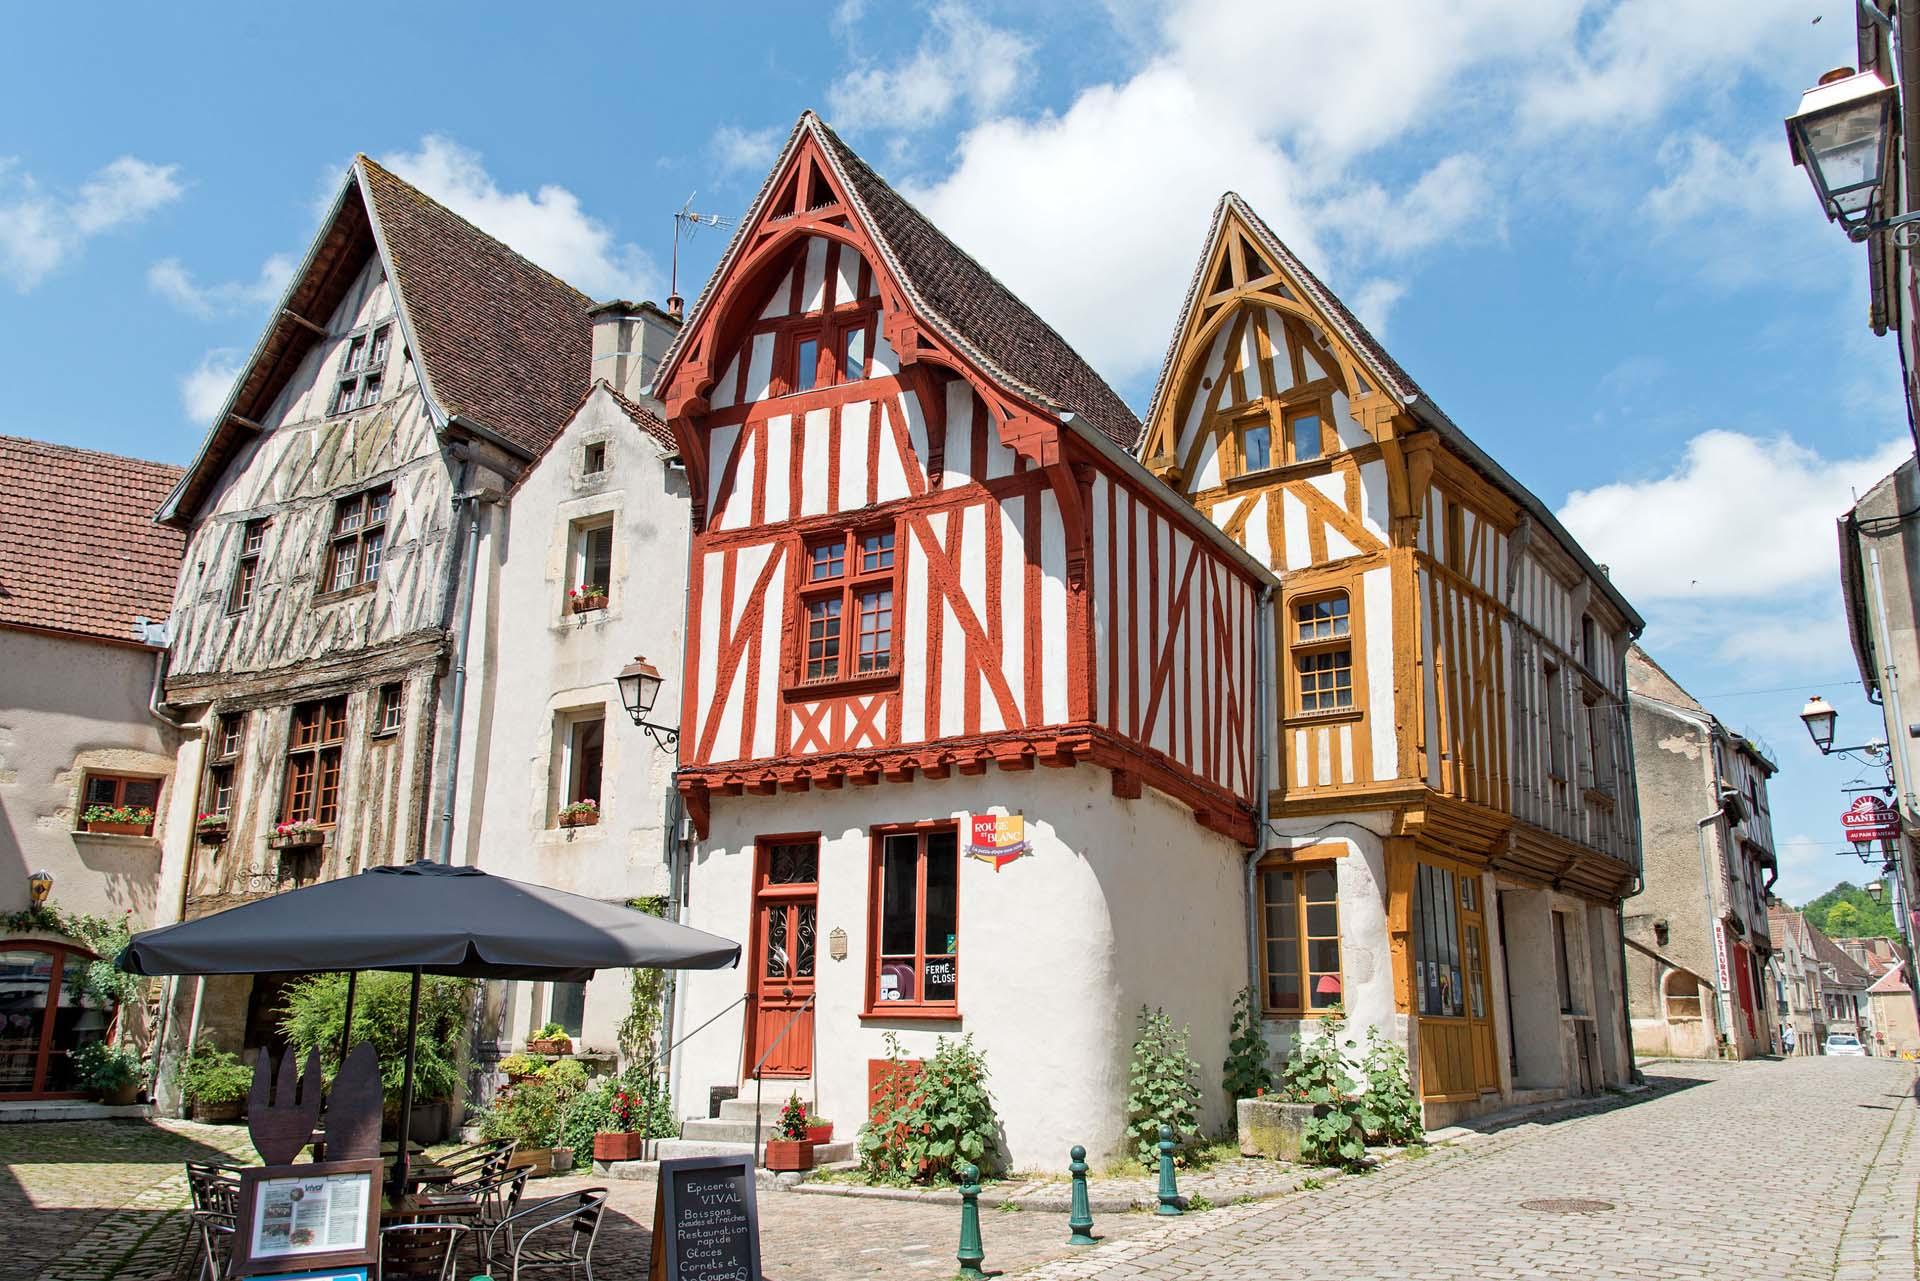 Maisons à colombages à Noyers-sur-Serein